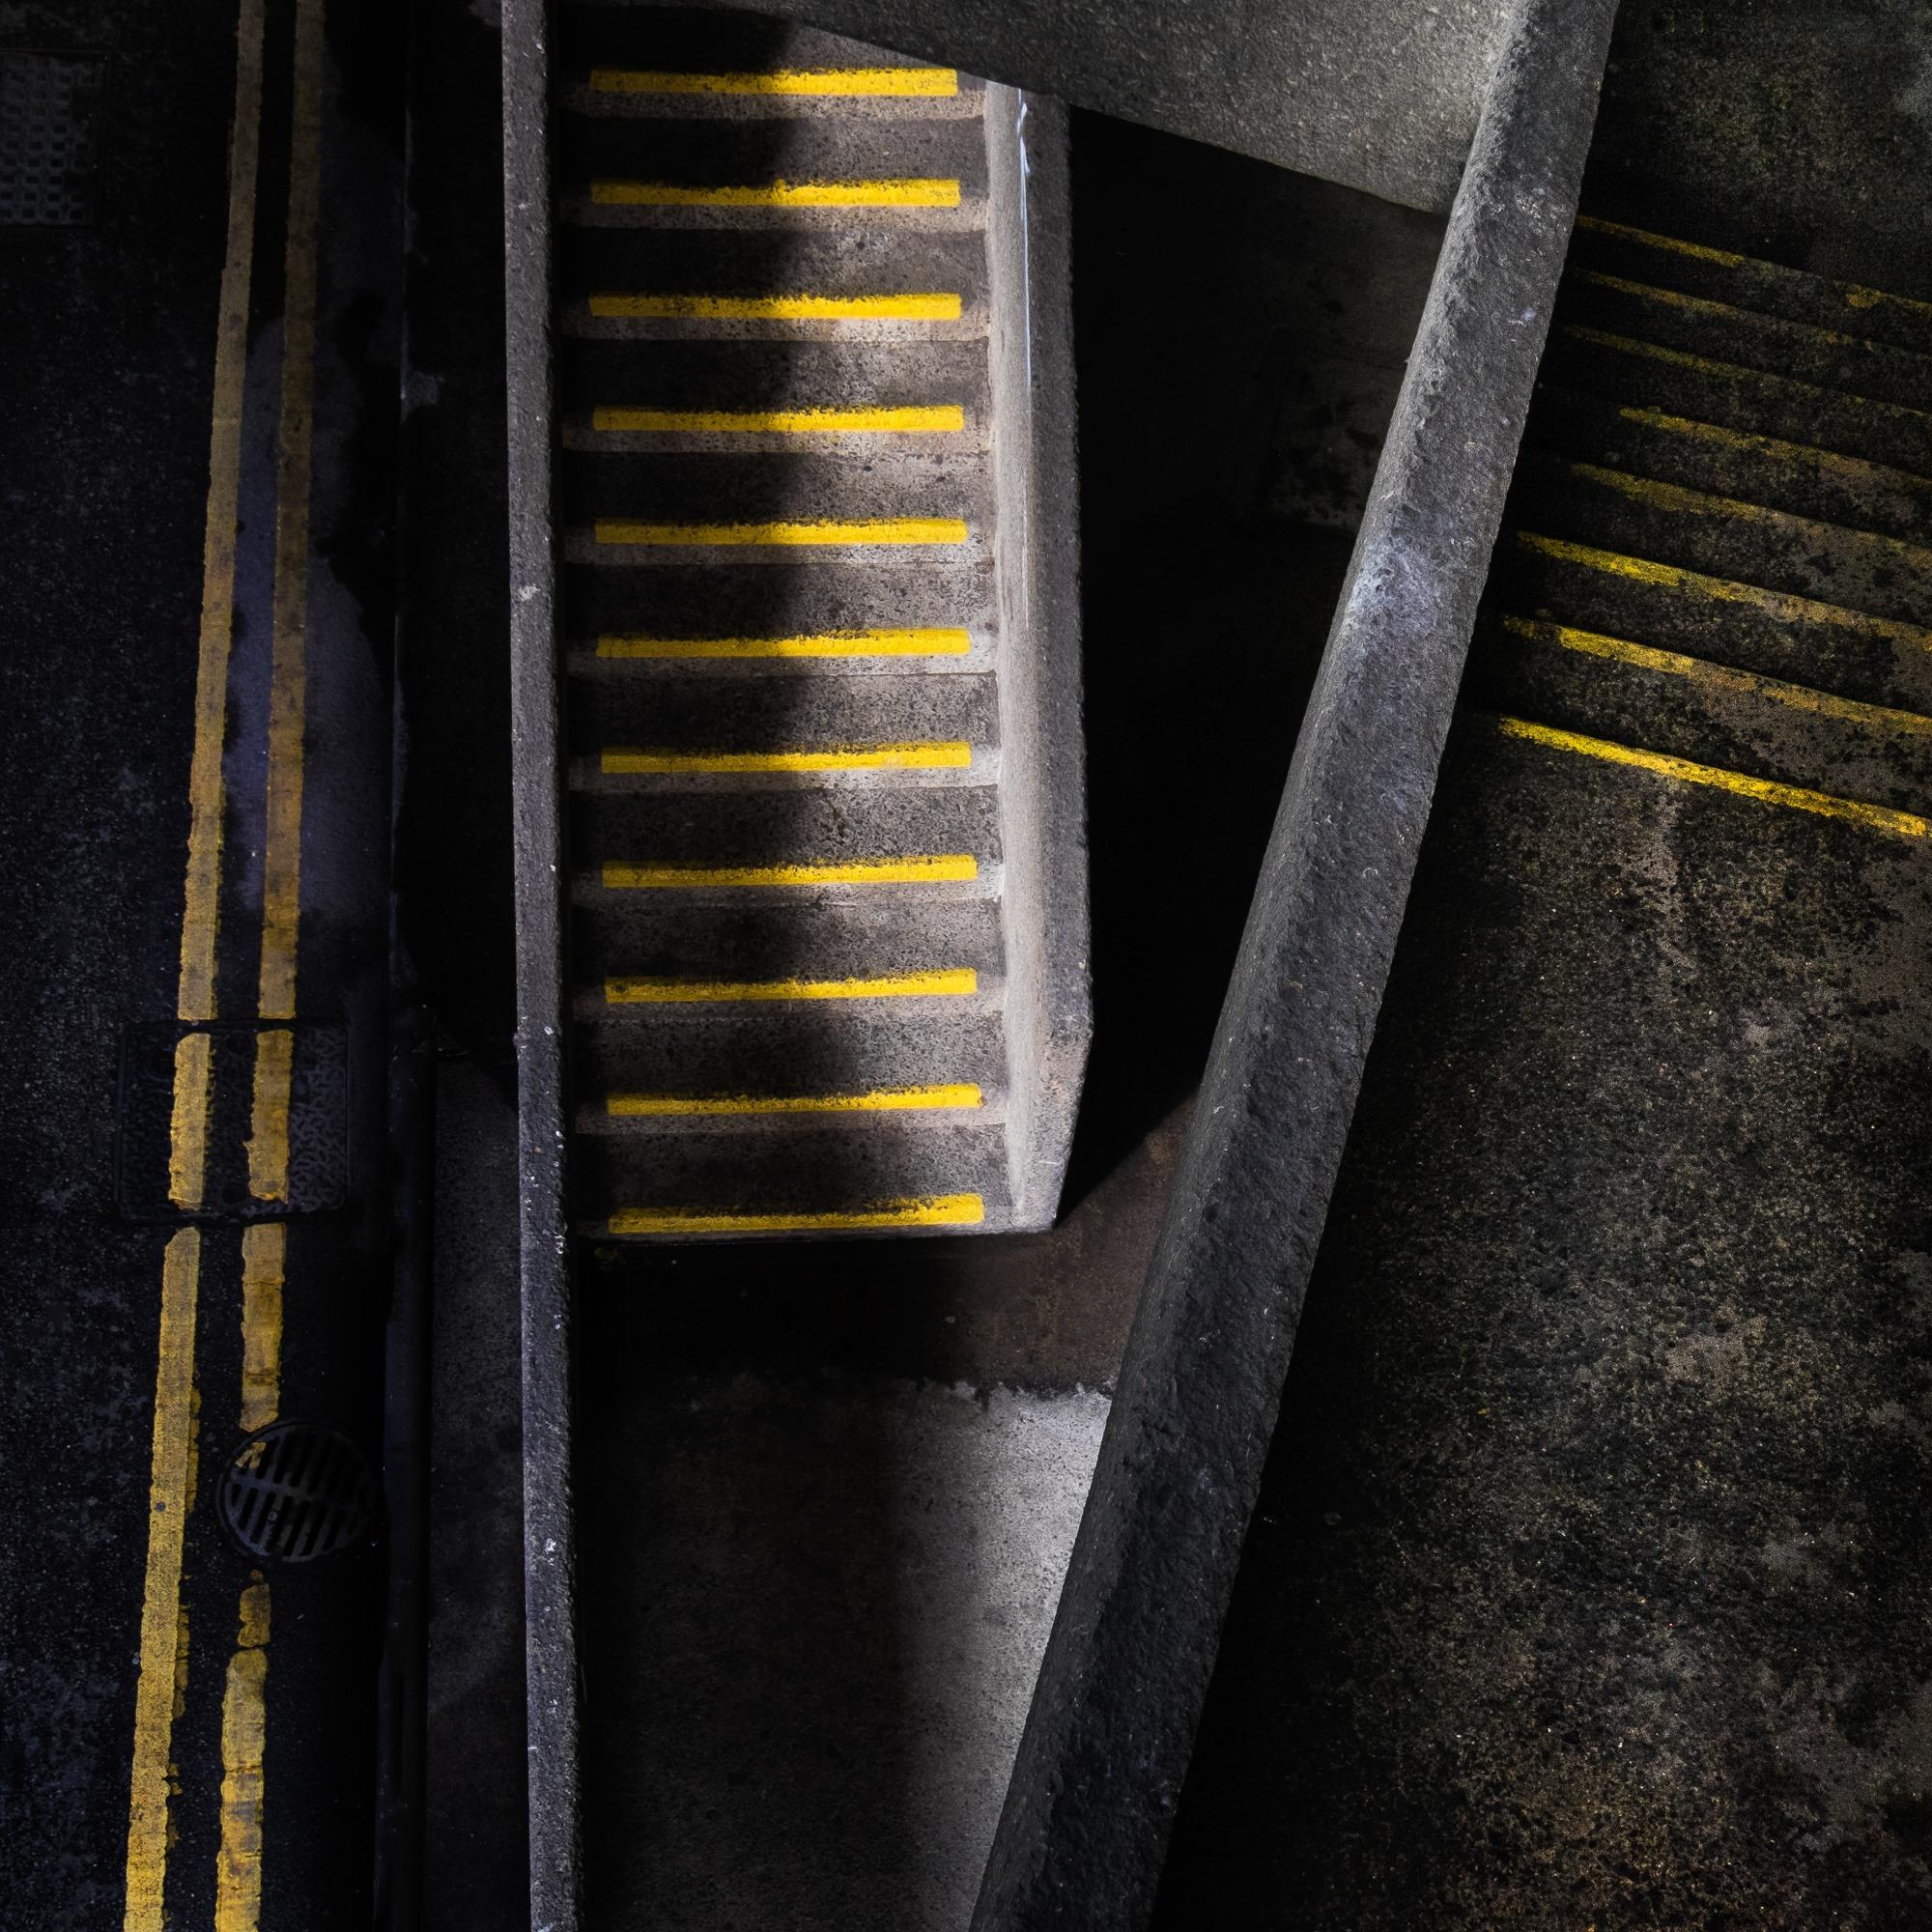 Stair Maze